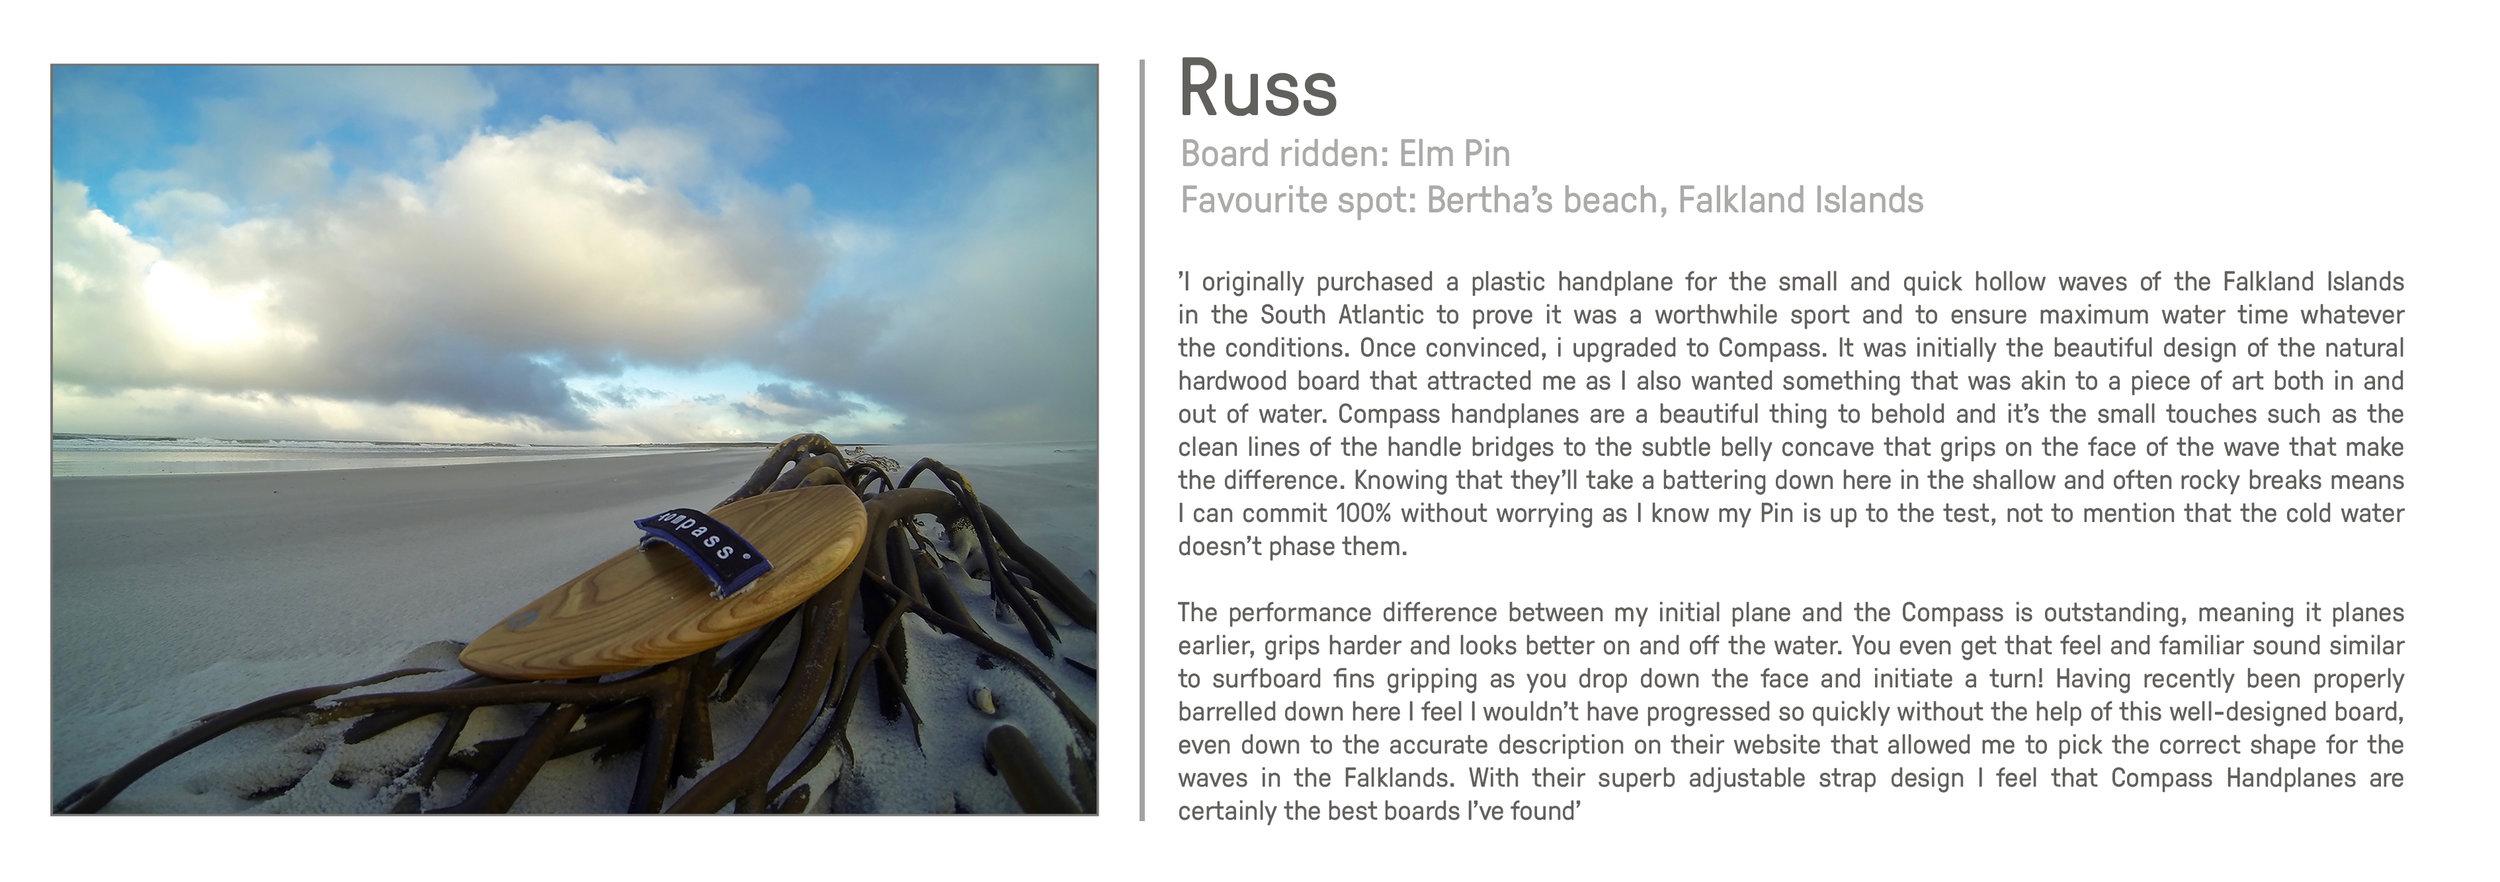 Russ O'Neill Compass Handplanes bodysurfing great review